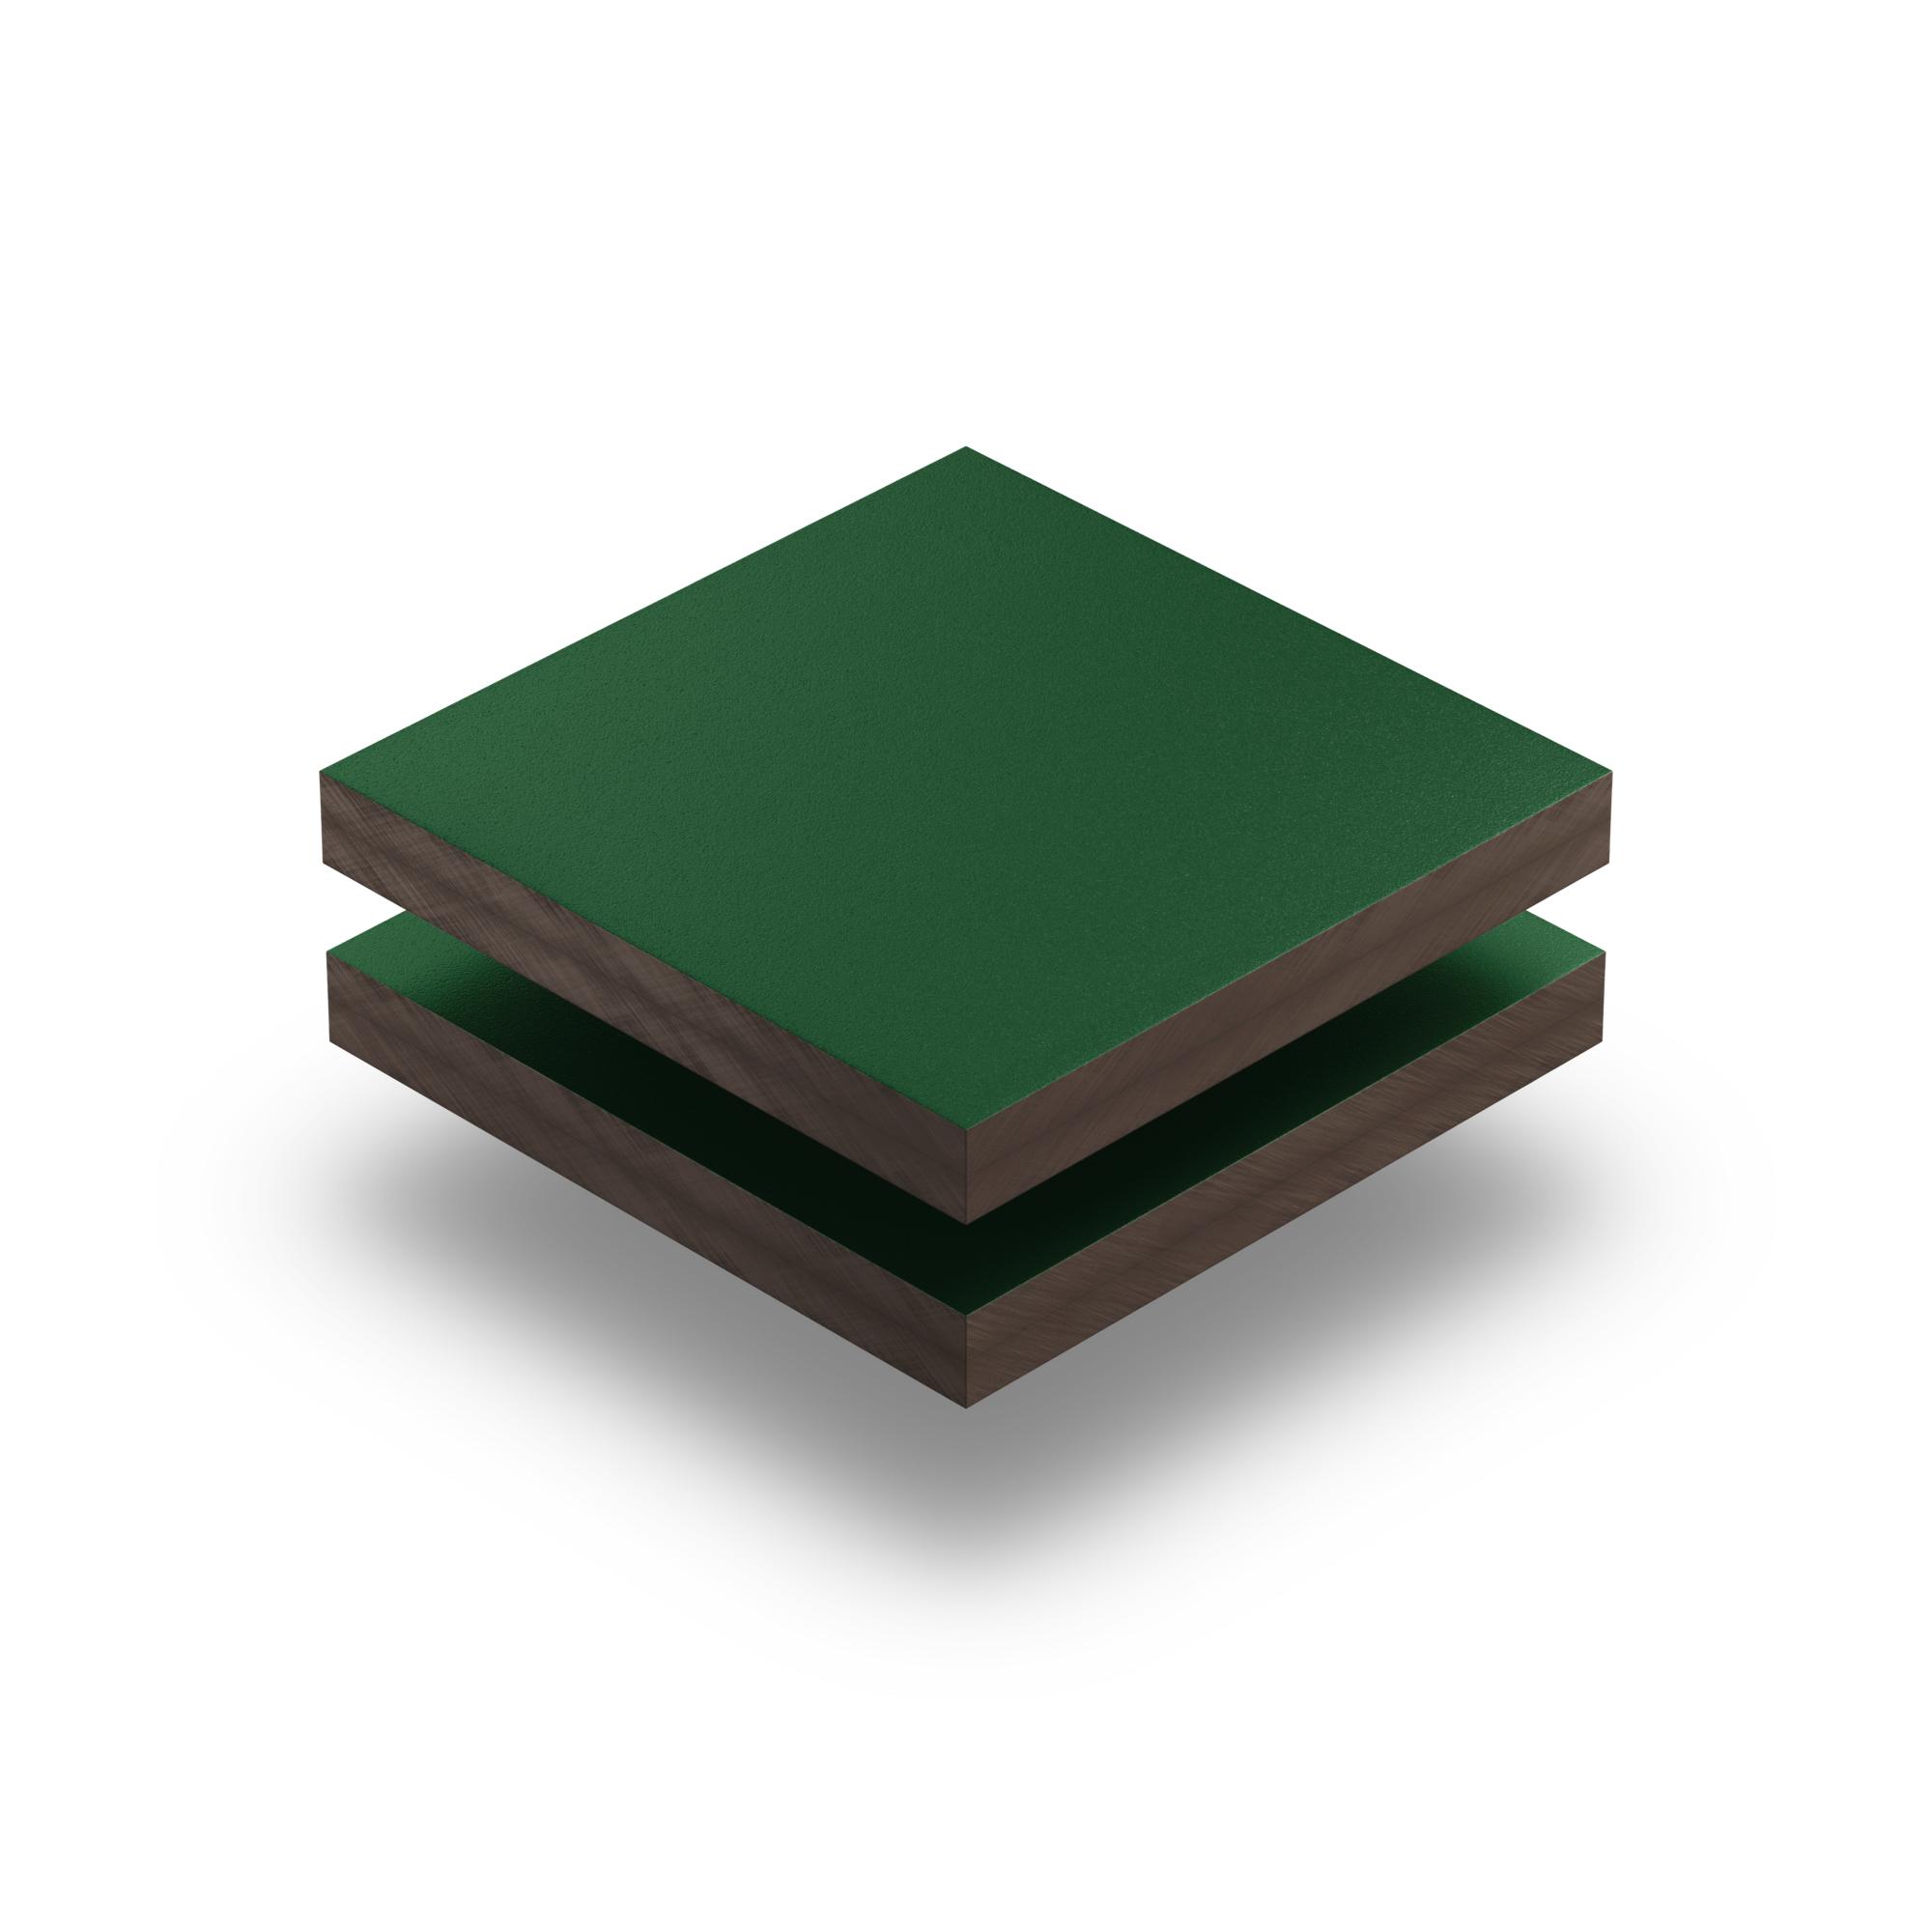 Hpl Texture Sheet 6 Mm Moss Green Plasticsheetsshop Co Uk